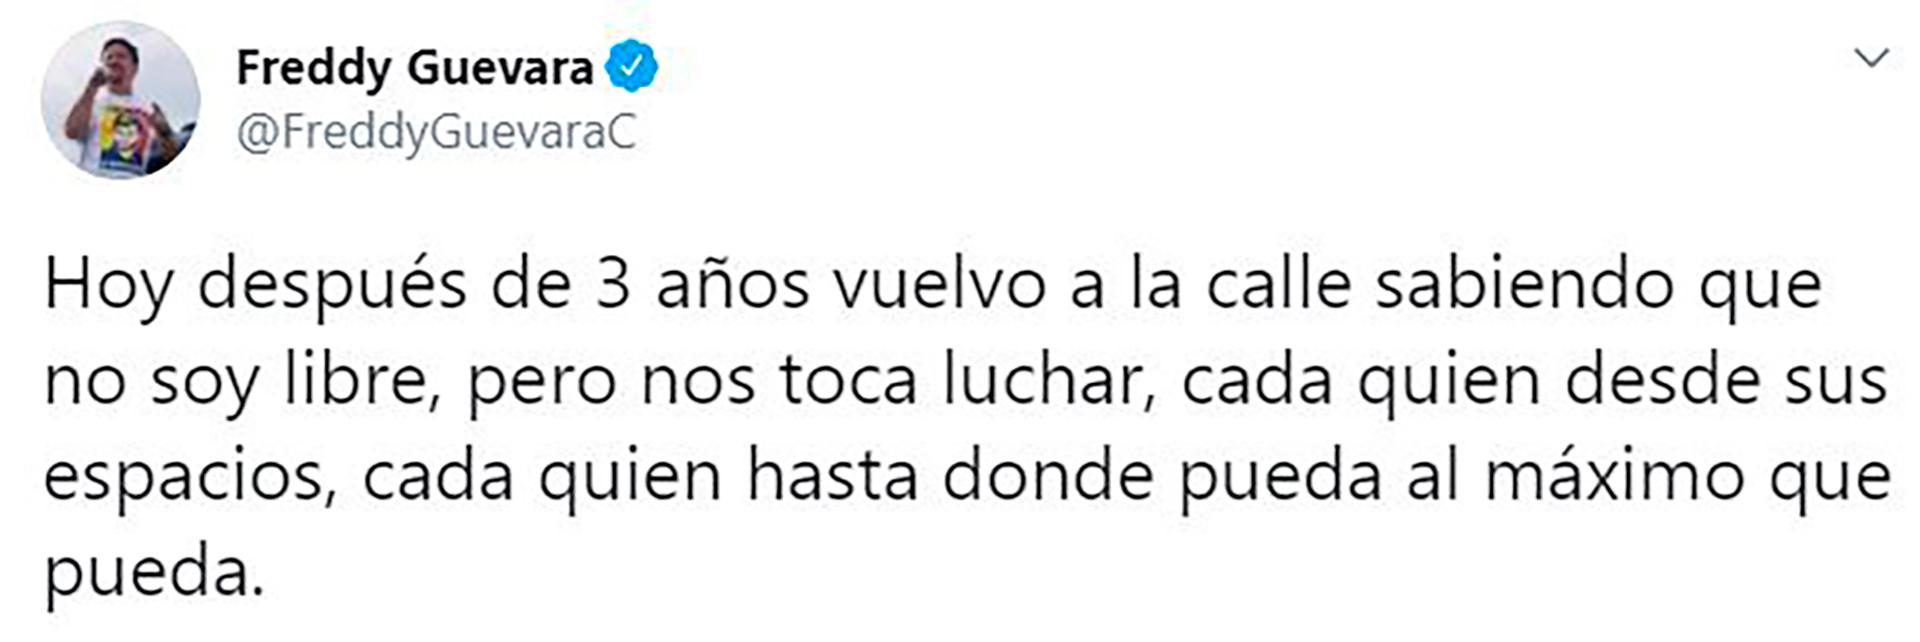 El primer tuit de Guevara tras salir de la embajada